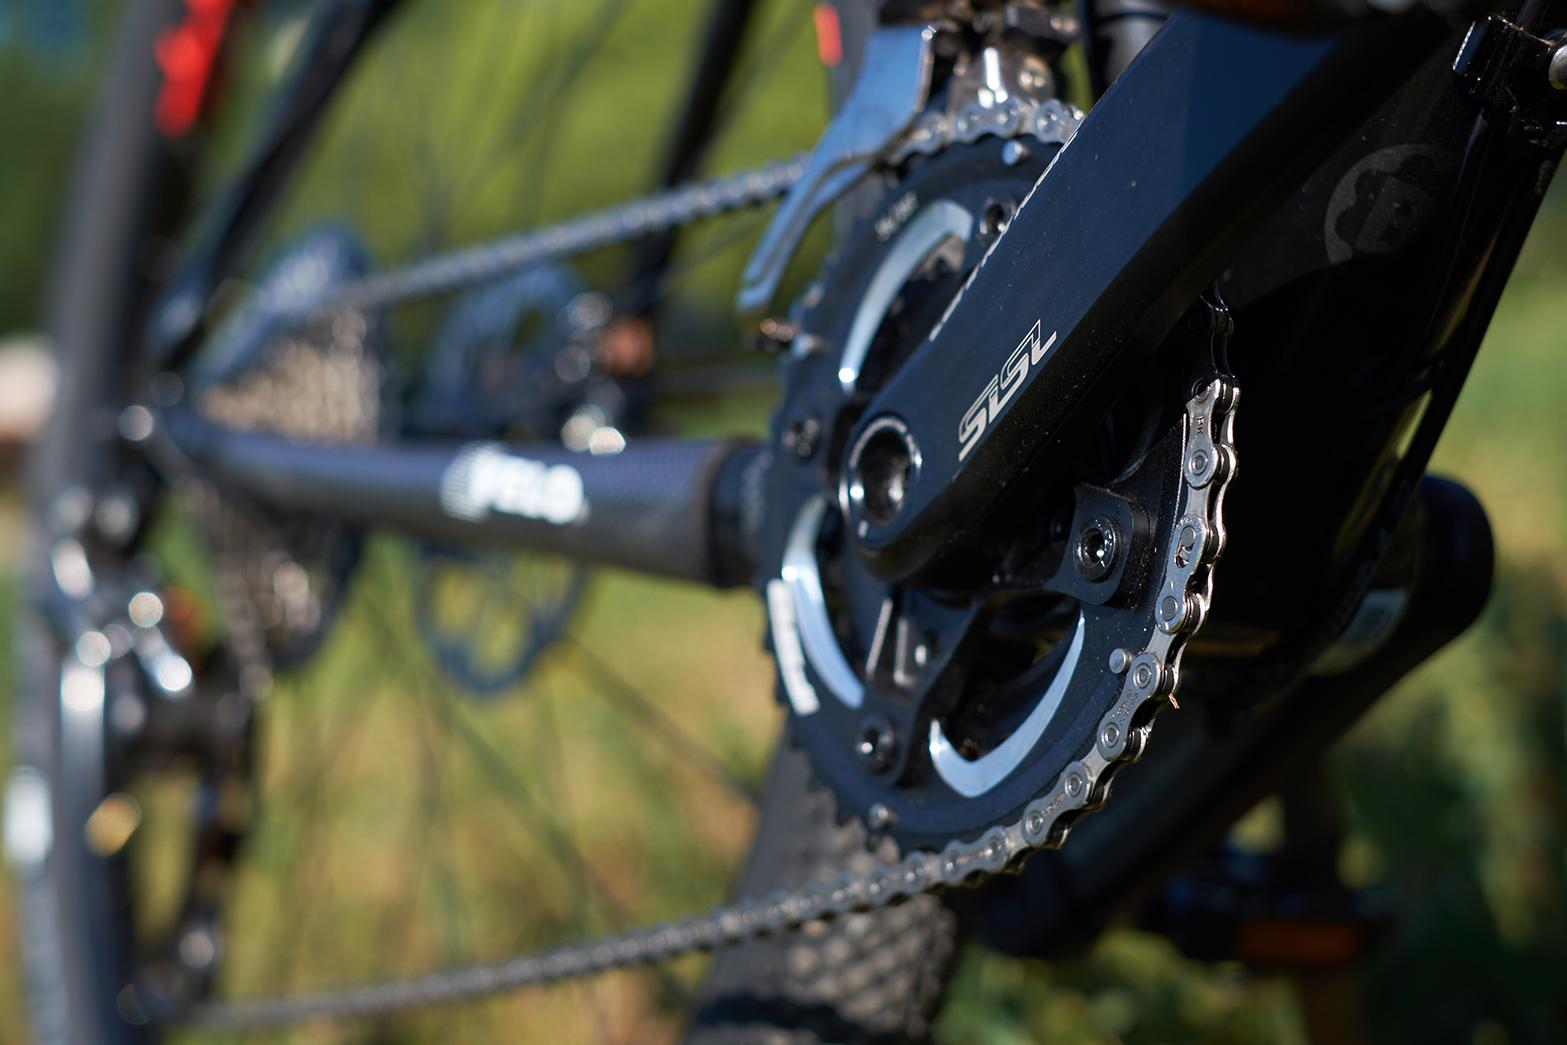 Ремонт цепи велосипеда и натяжителя цепи (5)